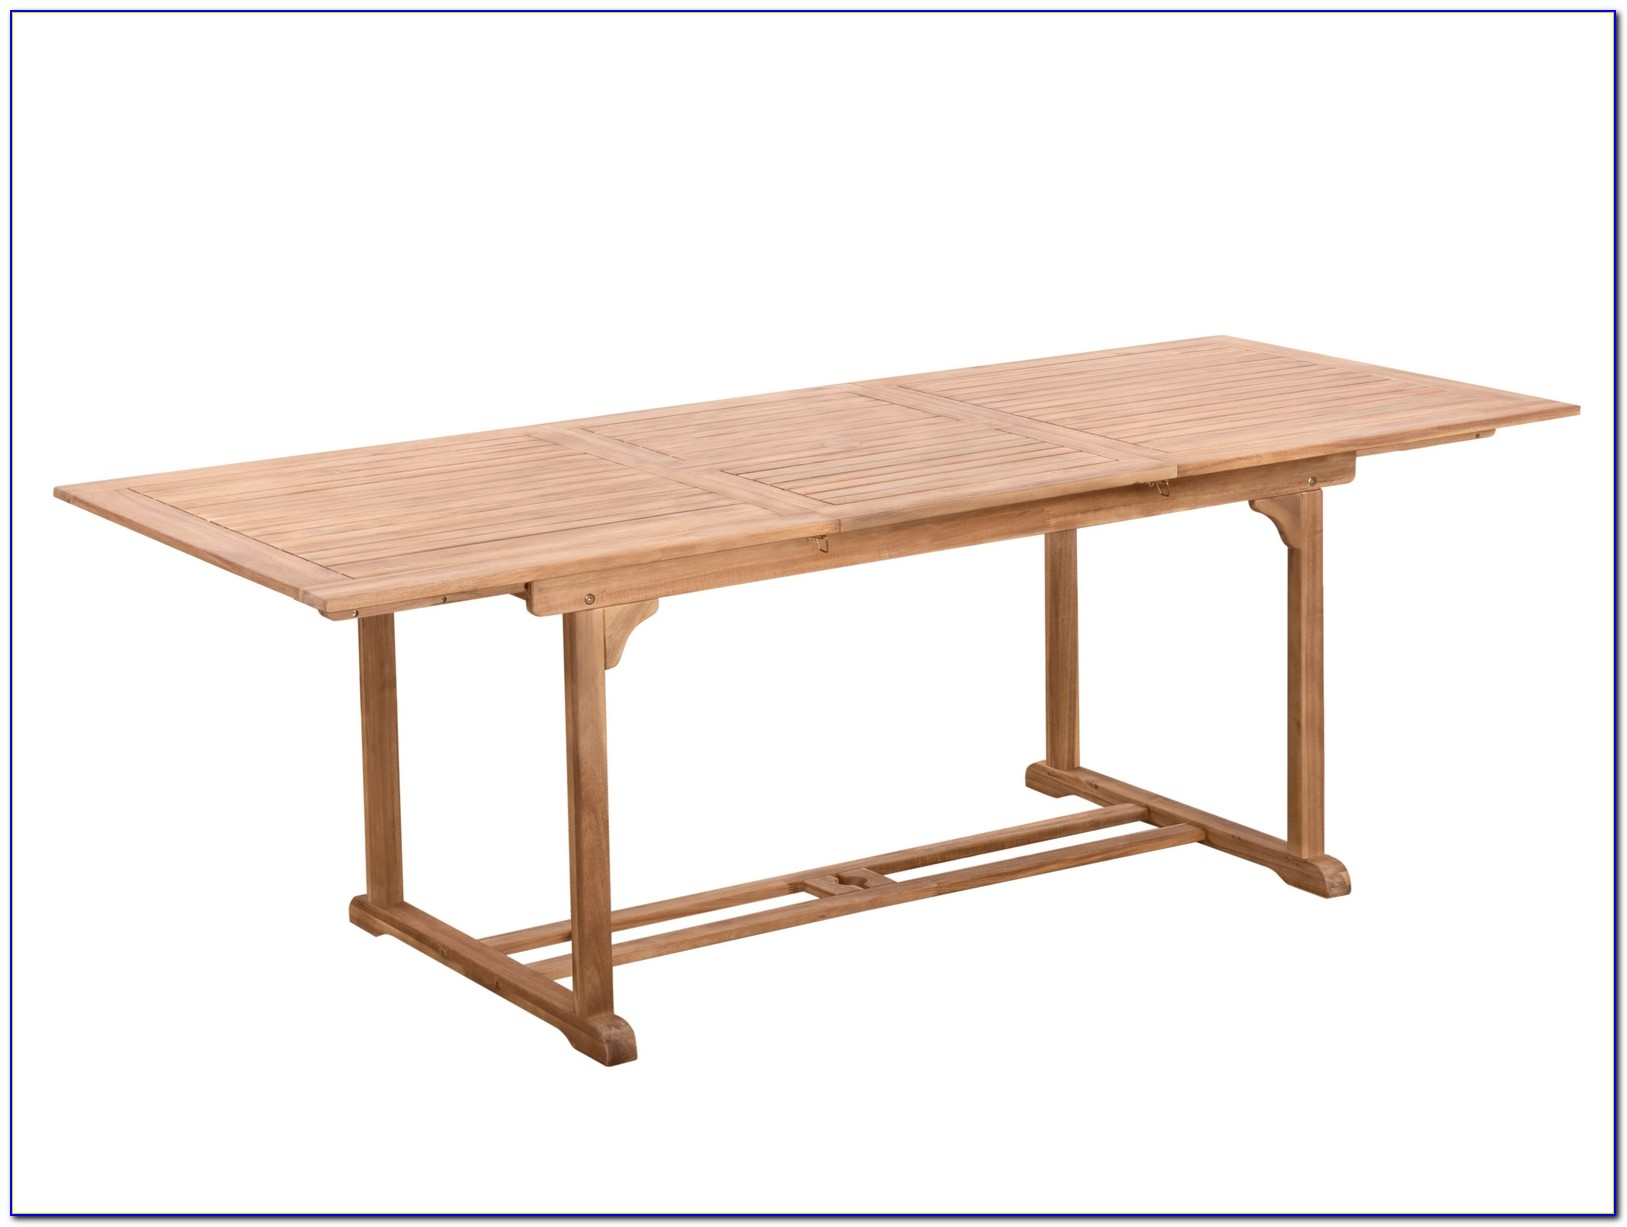 Gartenmöbel Alu Tisch Ausziehbar